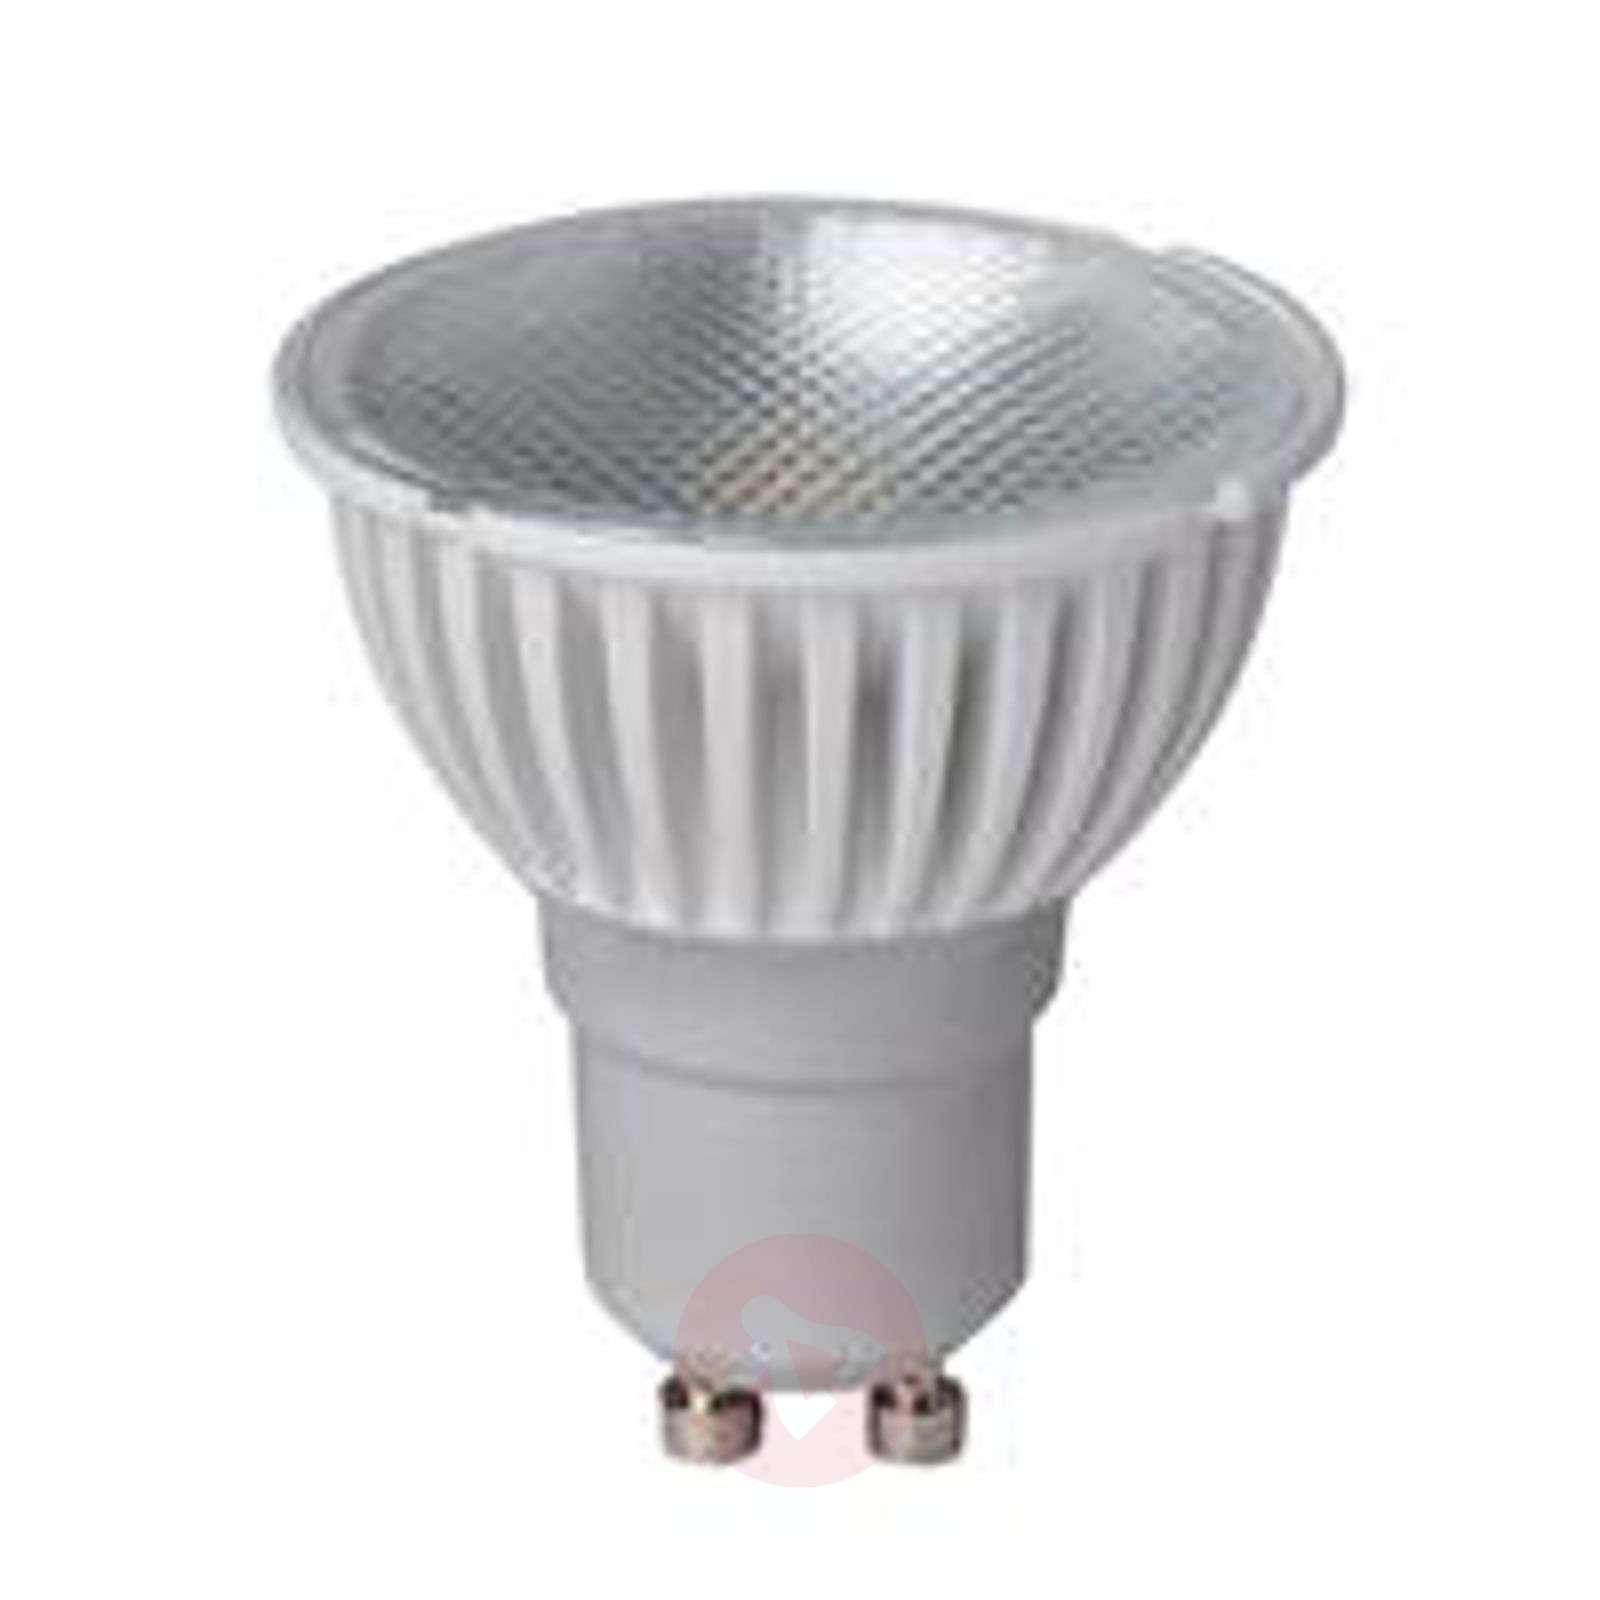 GU10 5.5 W PAR16 828 LED reflector bulb 35degree-6530221-01